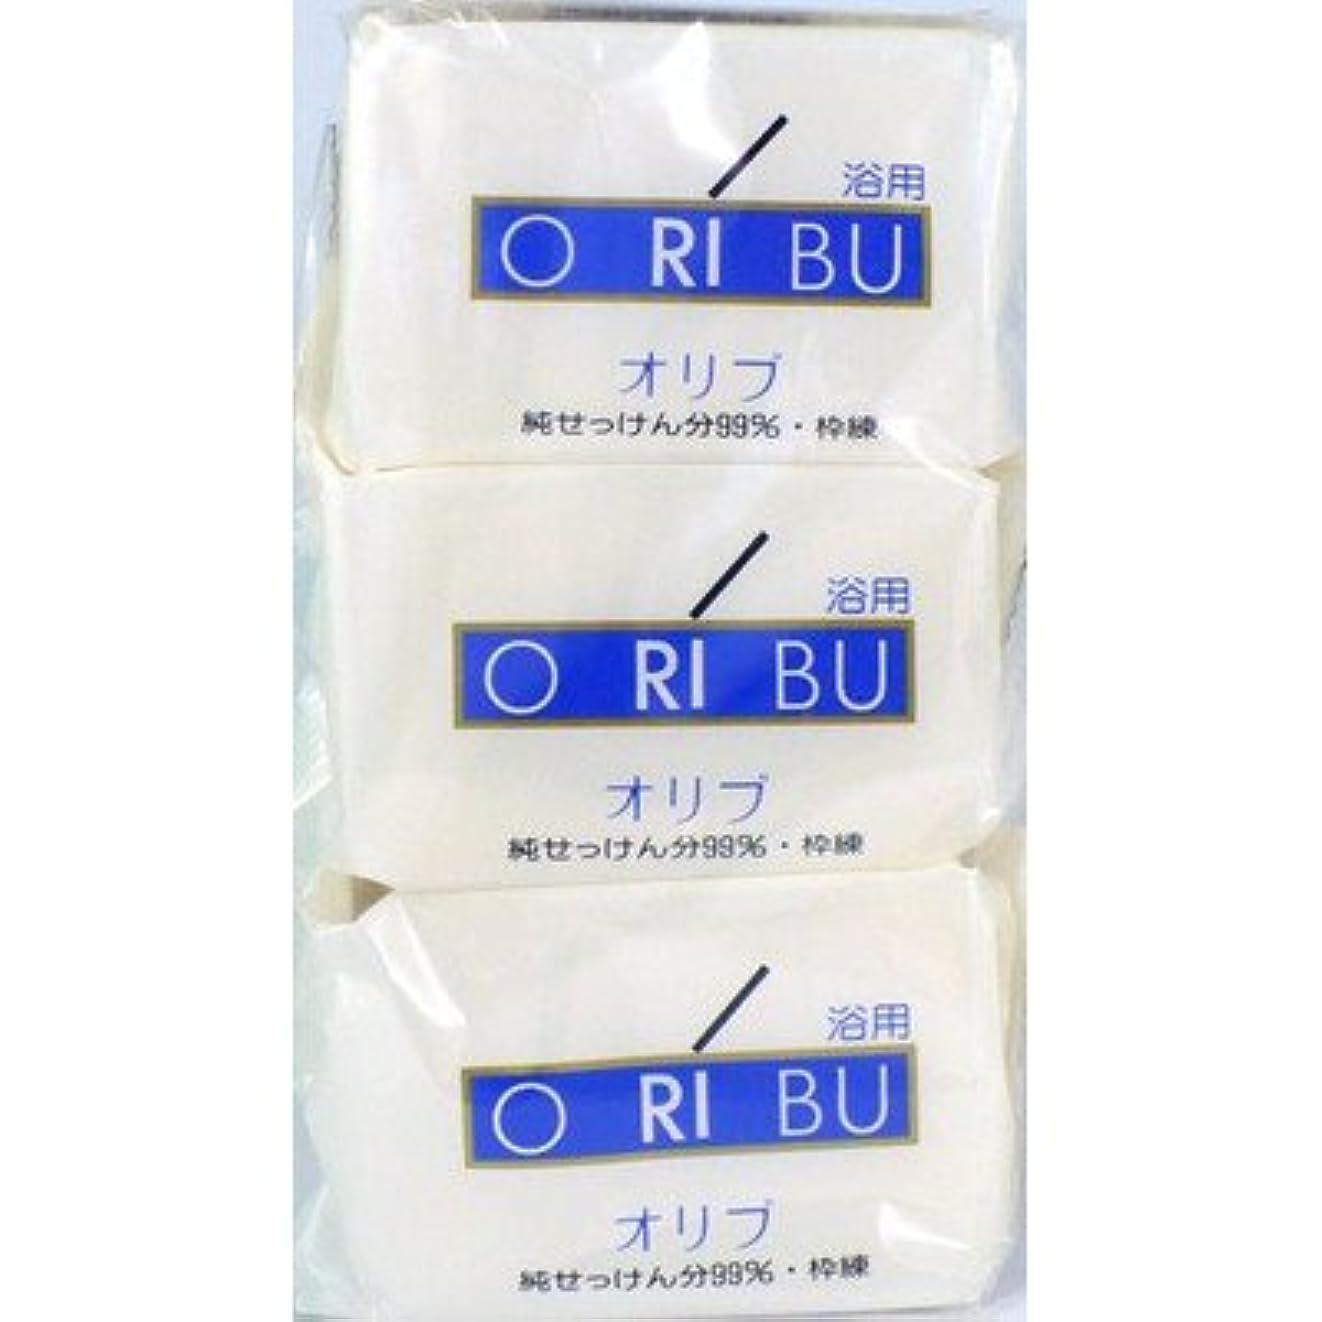 懸念恥ずかしさ下線暁石鹸 ORIBU オリブ 浴用石鹸 110g 3個入り